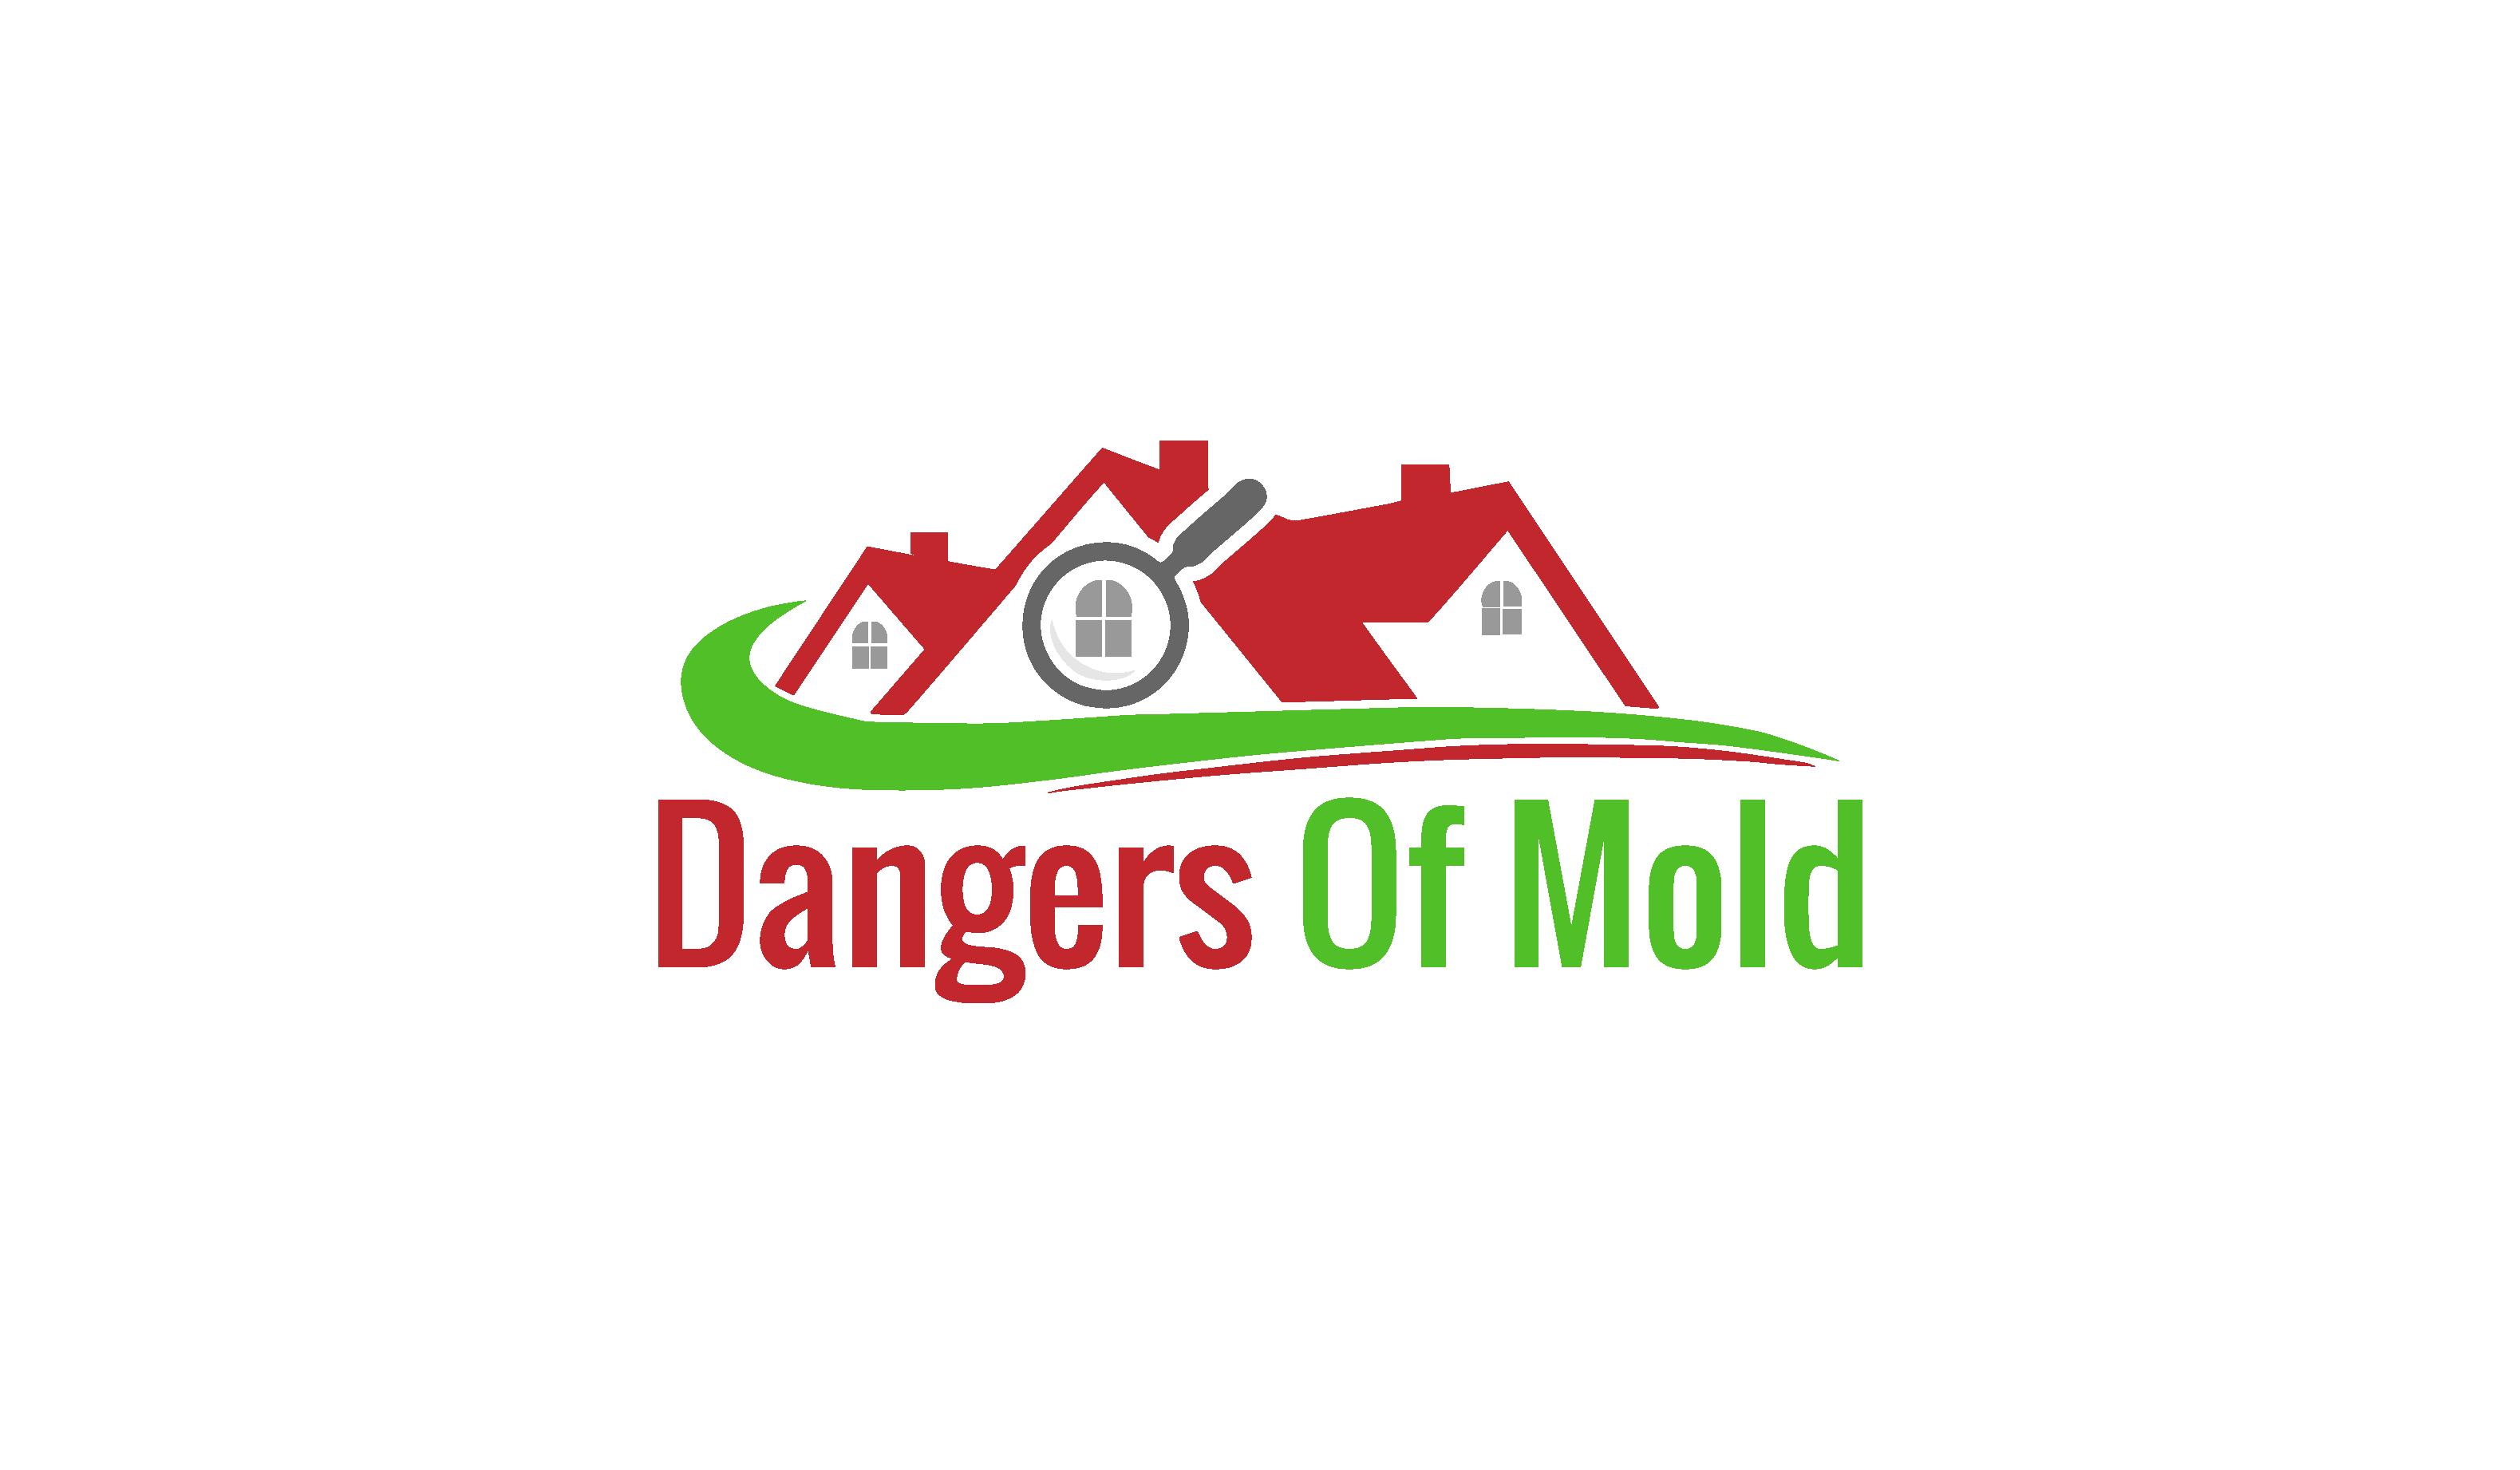 Dangers of Mold